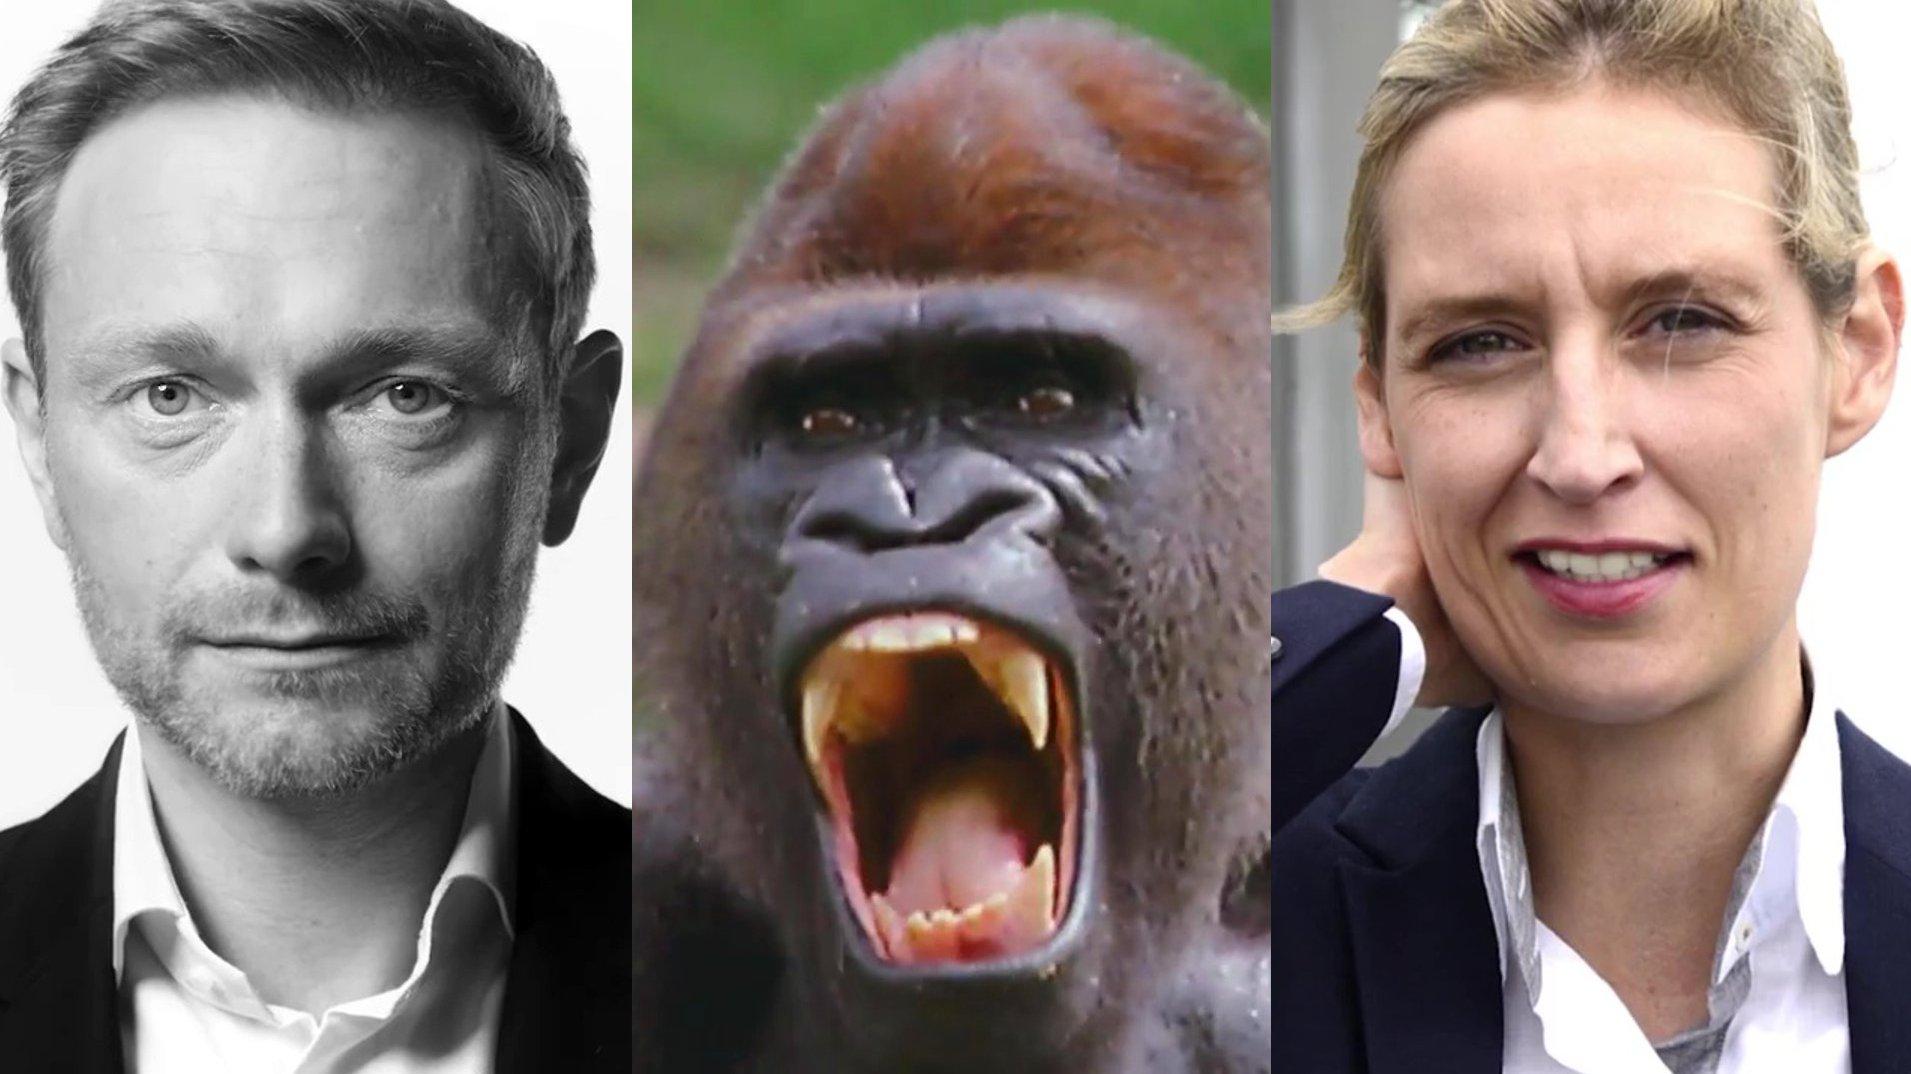 Bundestagswahl 2017: Wer hat den besten Werbespot? Werbefachmann Oskar Valdre analysiert die Videos der Parteien